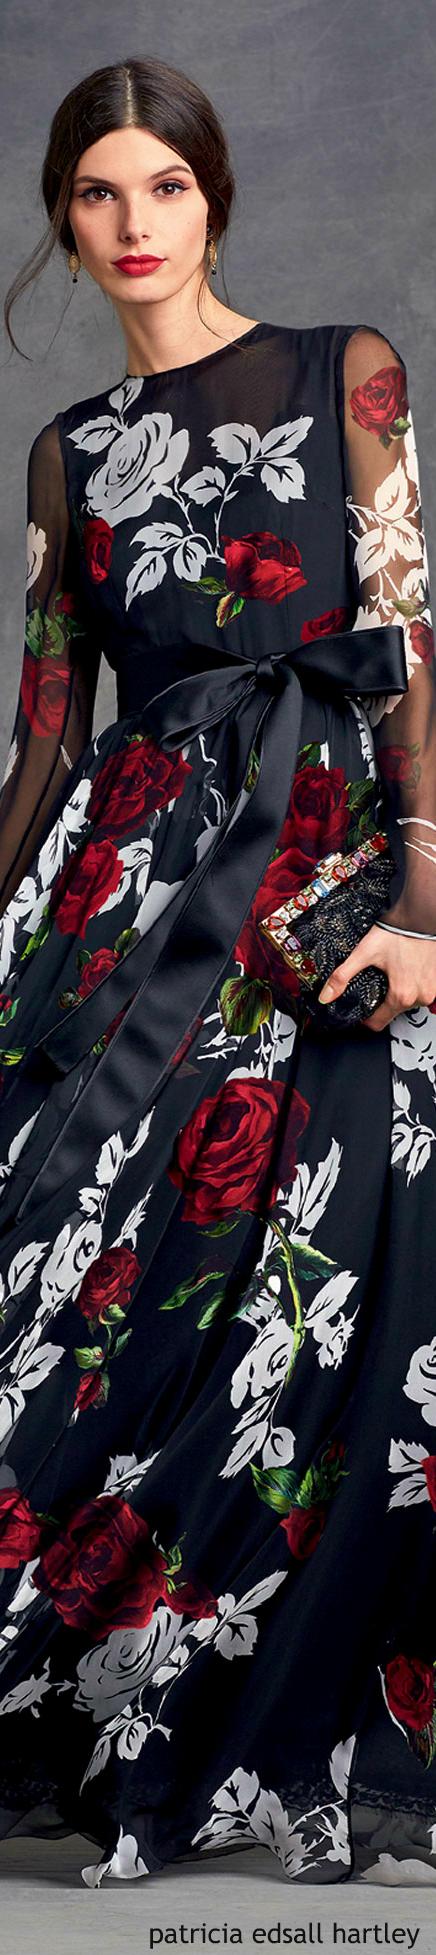 Dolce Gabbana Winter 2016 Fashion Floral Fashion Couture Fashion [ 1955 x 436 Pixel ]